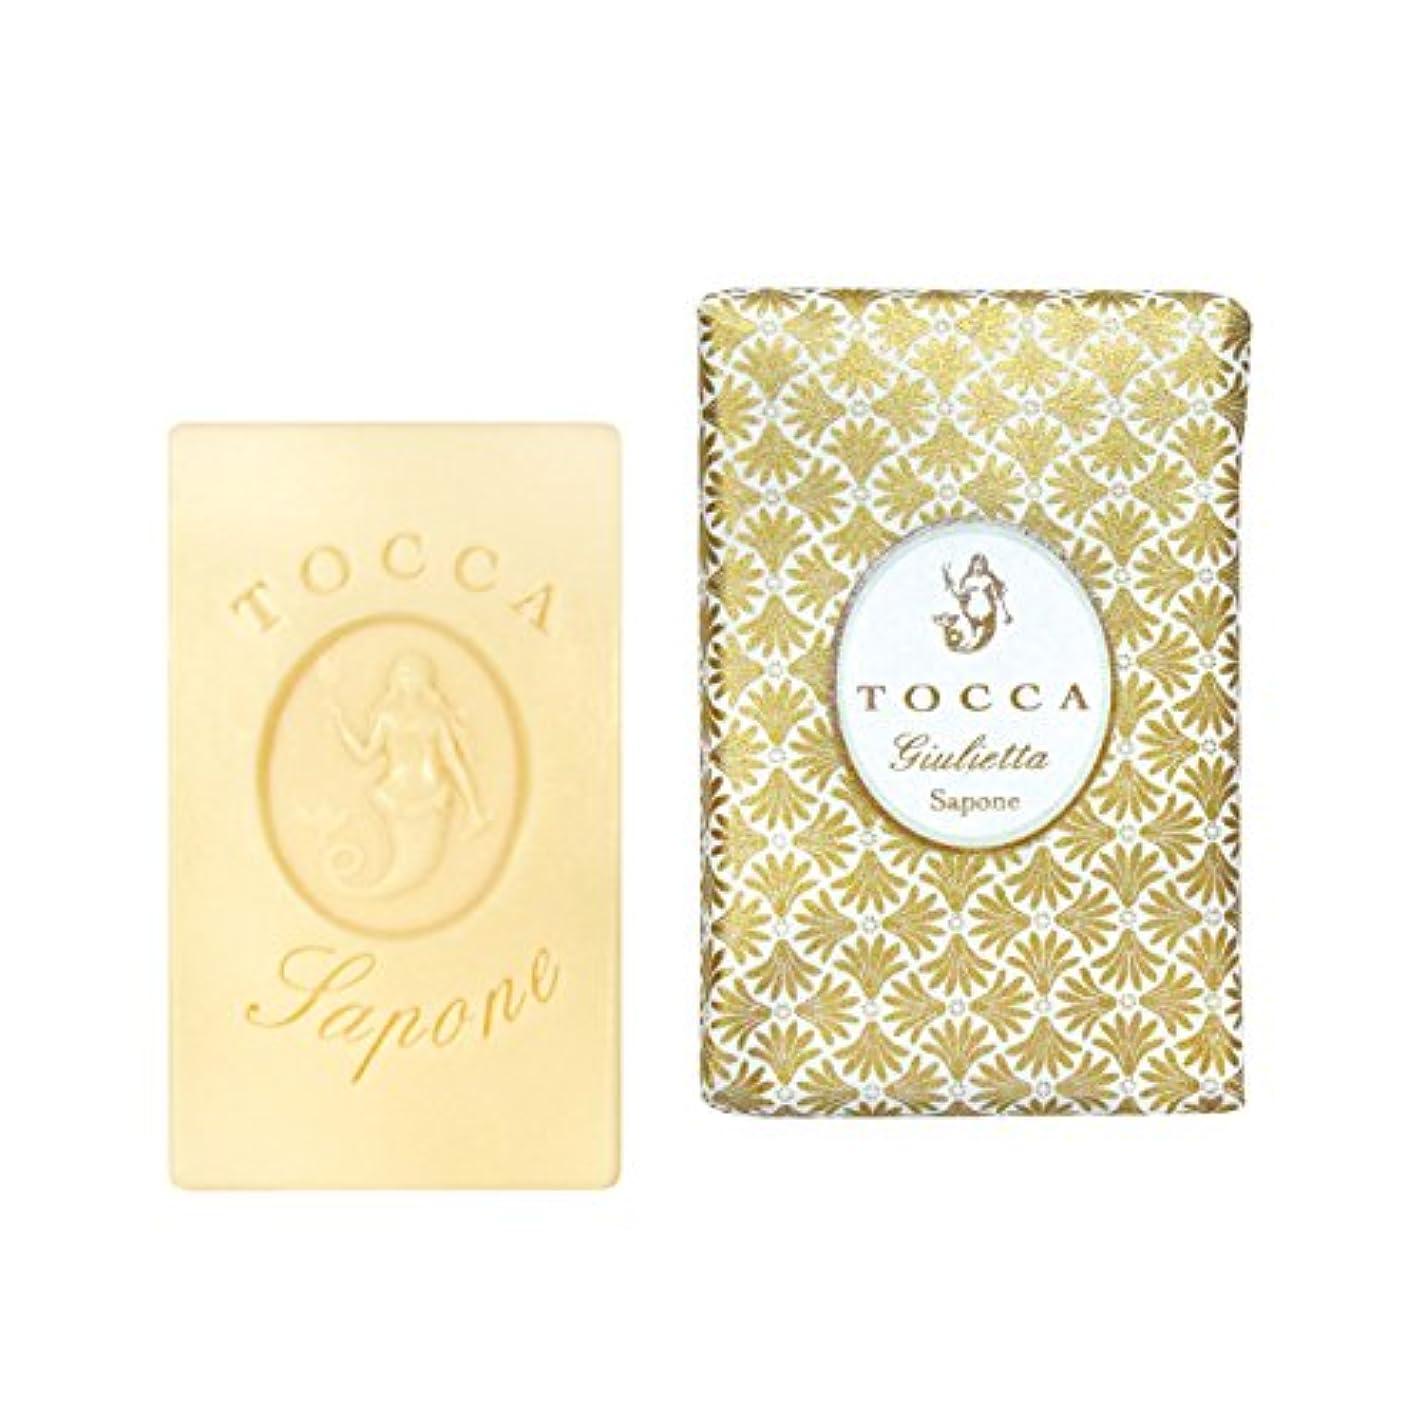 吸収する慣習ドリンクトッカ(TOCCA) ソープバー ジュリエッタの香り 113g(化粧石けん ピンクチューリップとグリーンアップルの爽やかで甘い香り)